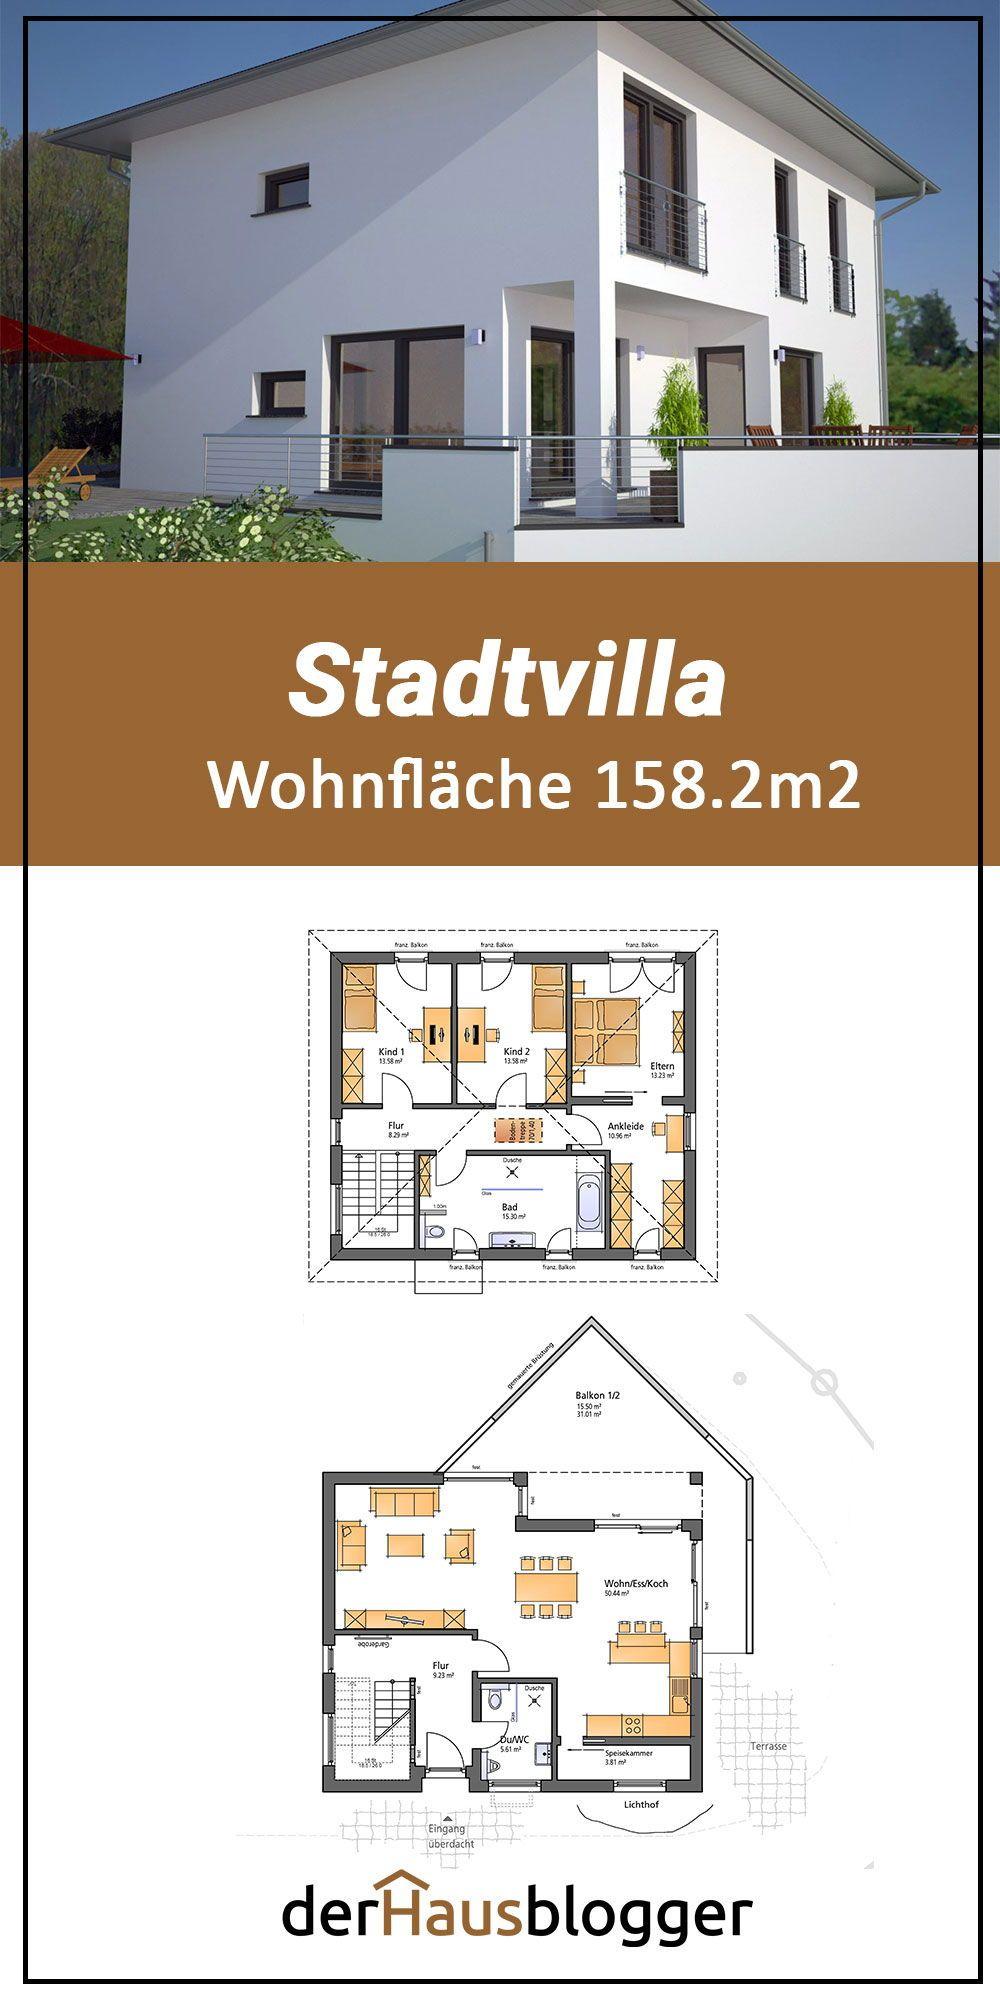 Der Bauherrenfamilie dieser gut 158m² großen Stadtvilla war es sehr   wichtig, dass sie trotz Hanglage einen großen, gut ausgerichteten   Terrassenbereich im Anschluss an den Wohnbereich des Erdgeschosses   erhalten. Mehr erfahren Sie hier. #house #houseplan  #grundriss  #hausbau #architektenhaus #hausplanung #ideen #tipps #stadtvilla   #hausplan #hauspläne #entwurf #einfamilienhaus #entwurfsplan #design #3d   #onlineshop